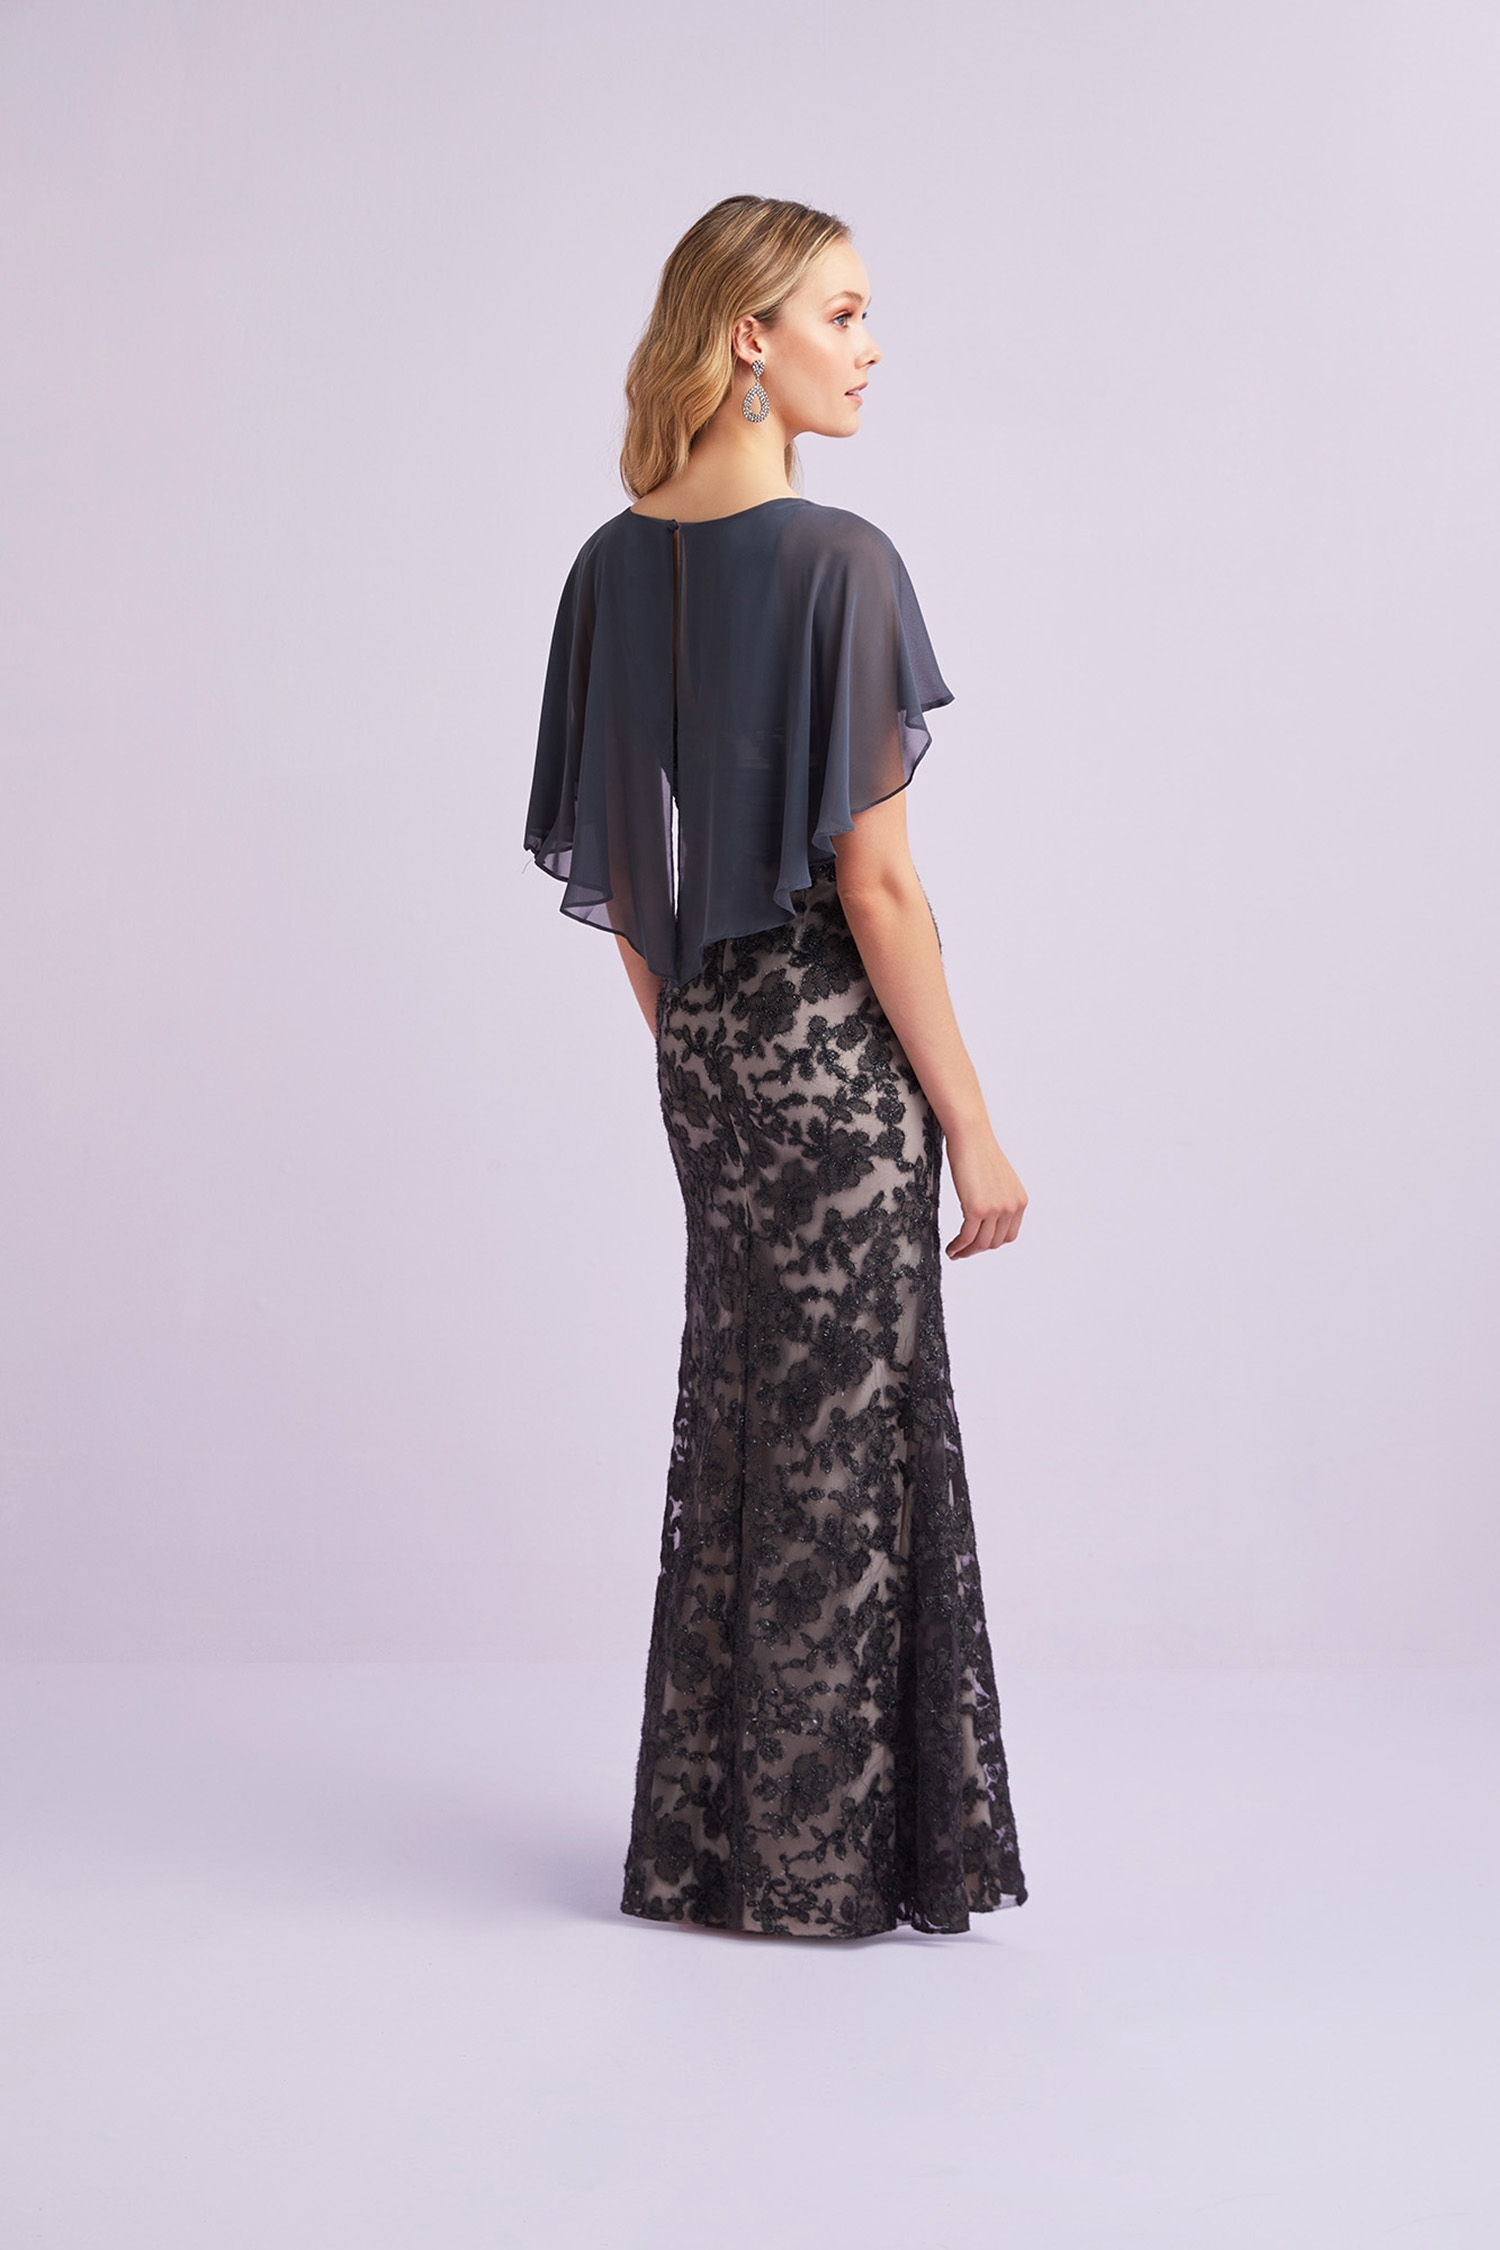 Kurşun Rengi Pelerin Detaylı Dantel Detaylı Şifon Elbise - Thumbnail